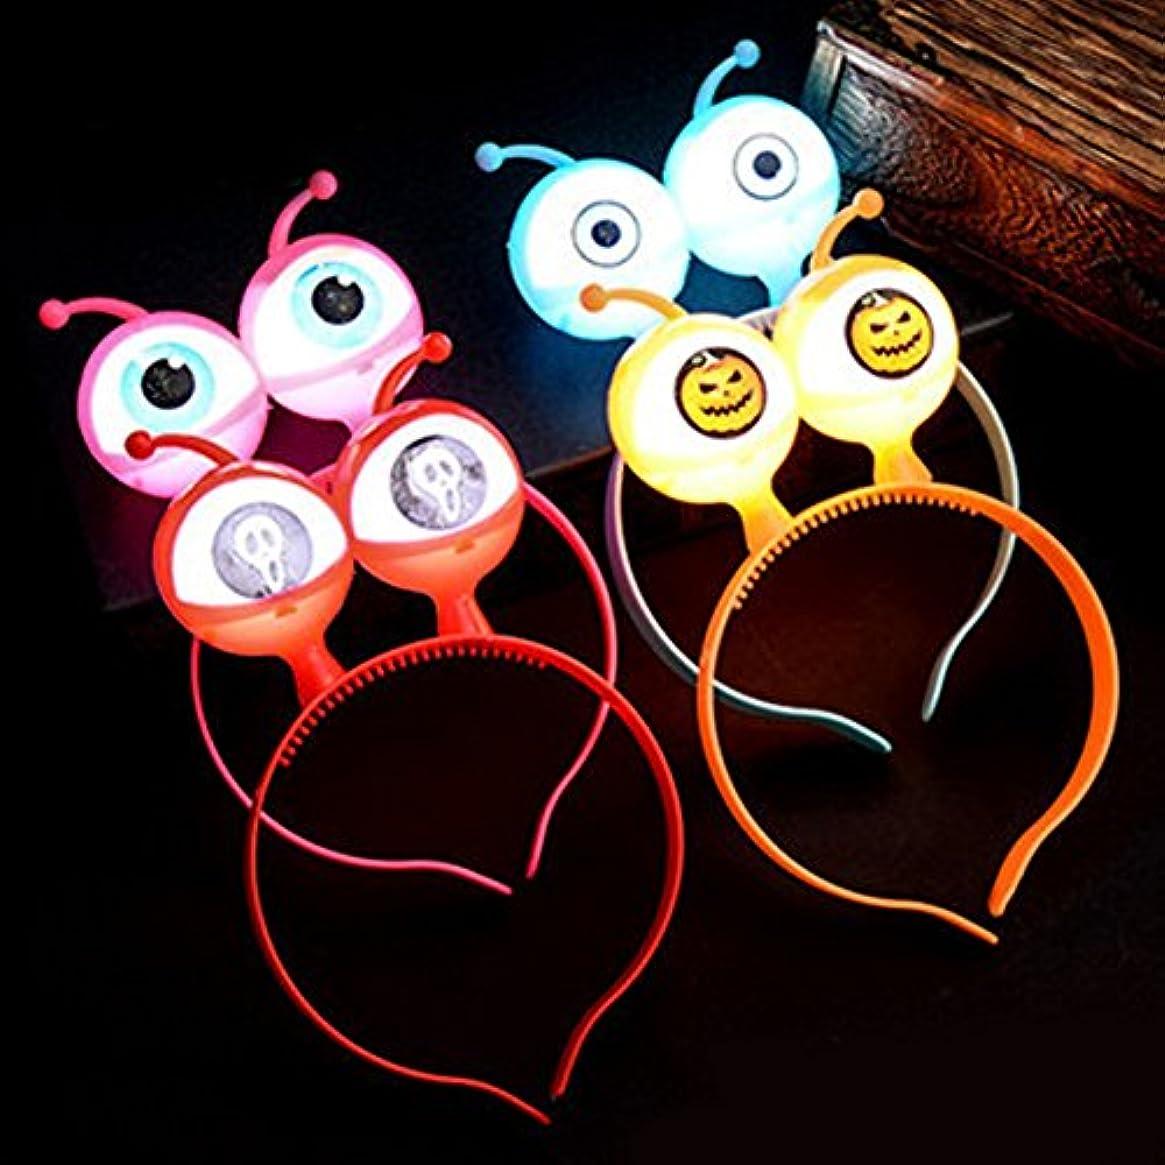 意見コンベンションリードLiebeye ライトアップカチューシャ 光るヘアバンド クリスマス 子供のヘアフープ ハロウィーンのギフト 漫画 キッズ 15#